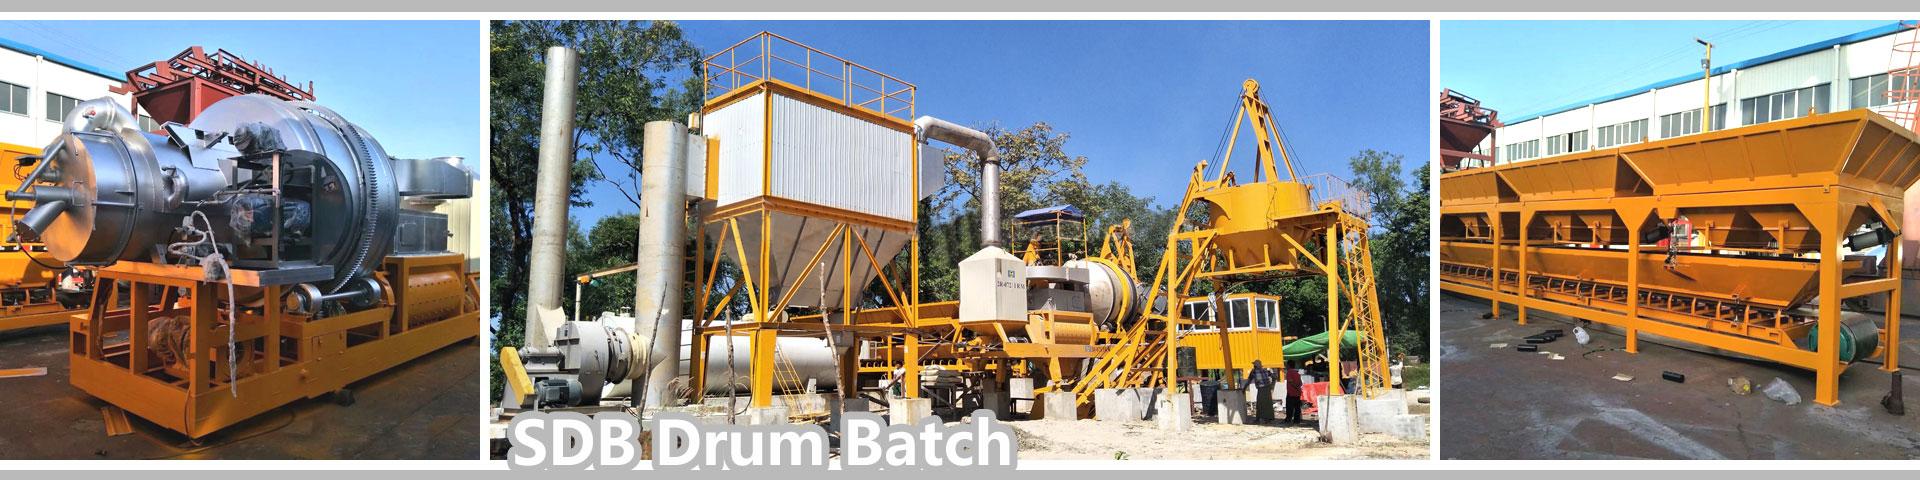 Drum batch mix asphalt plant manufacturers china